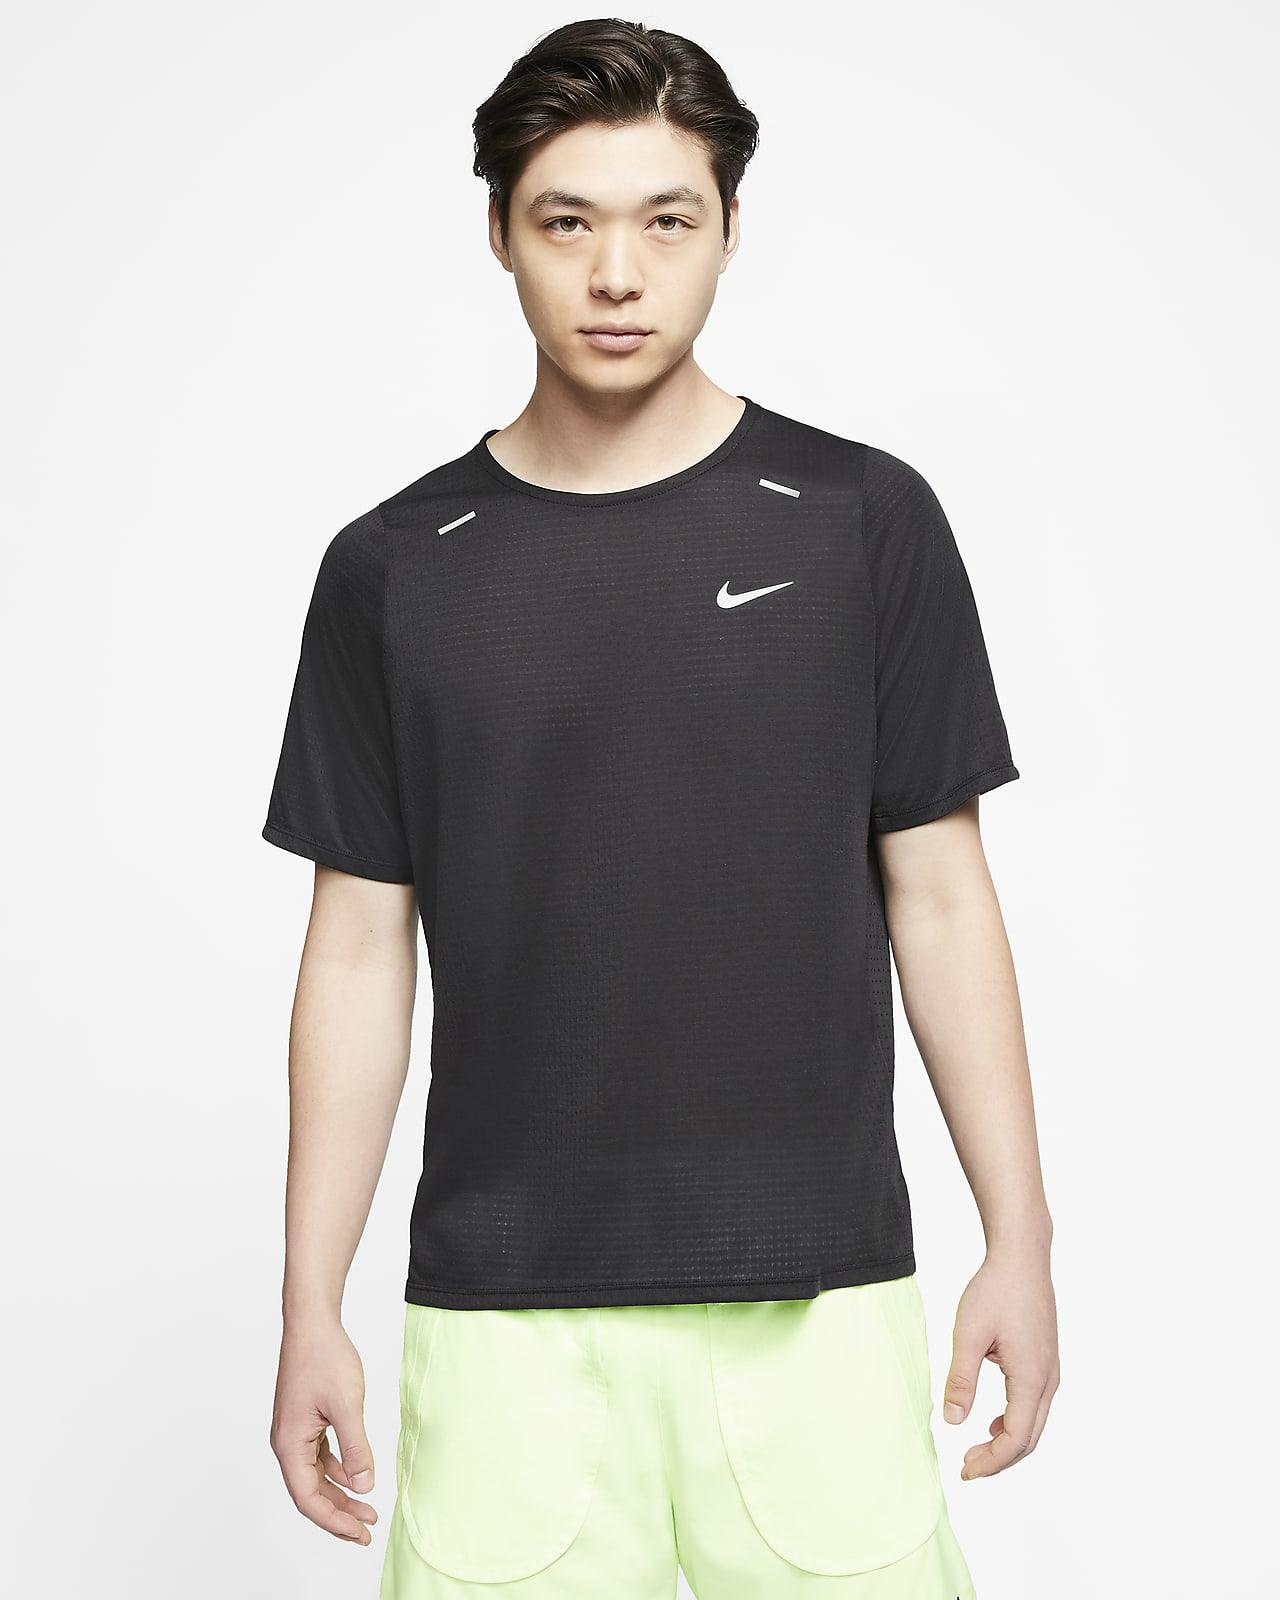 Nike Rise 365 男子跑步上衣